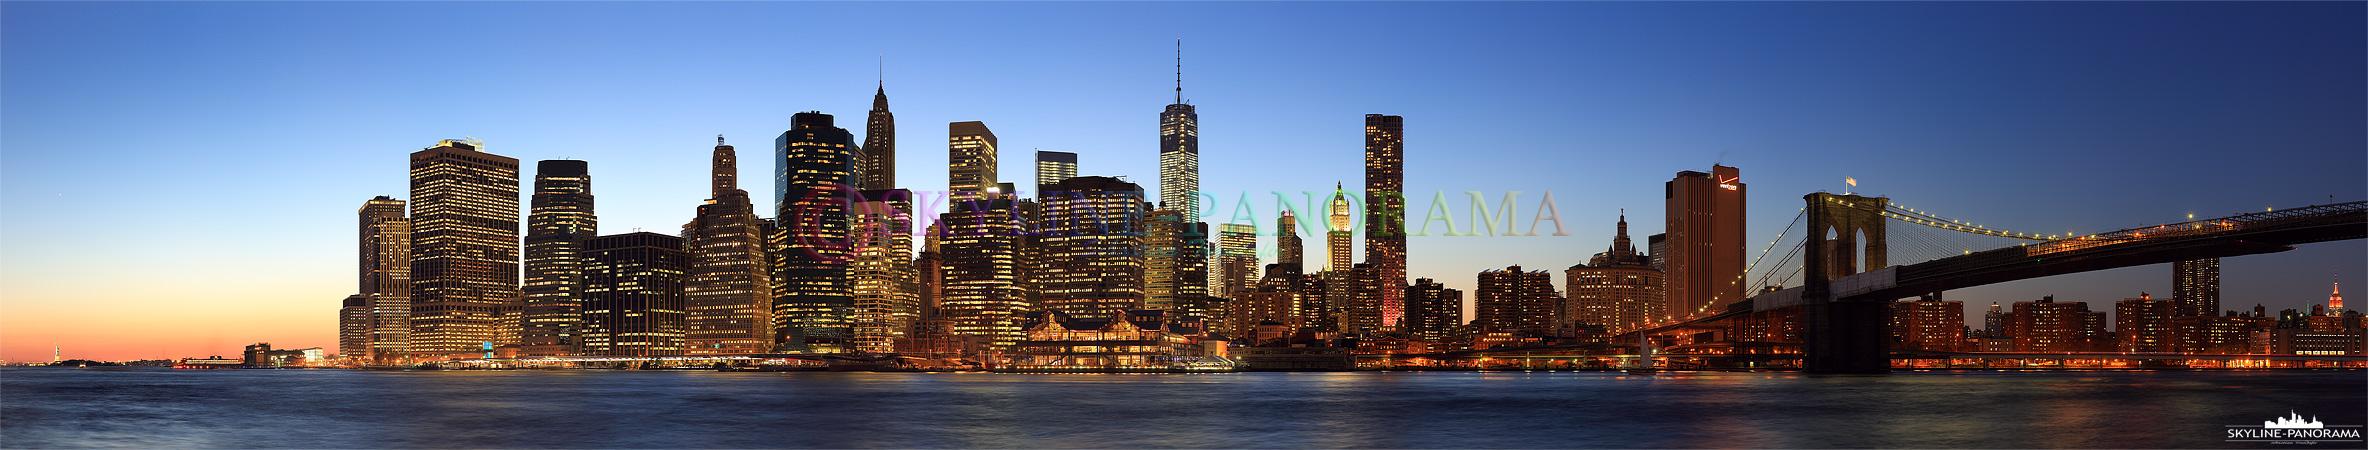 Bilder Manhattan - Das abendliche Skyline Panorama auf Downtown Manhattan zum Sonnenuntergang mit der Brooklyn Bridge, die hier über den East River von Brooklyn Heights nach Lower Manhattan führt.